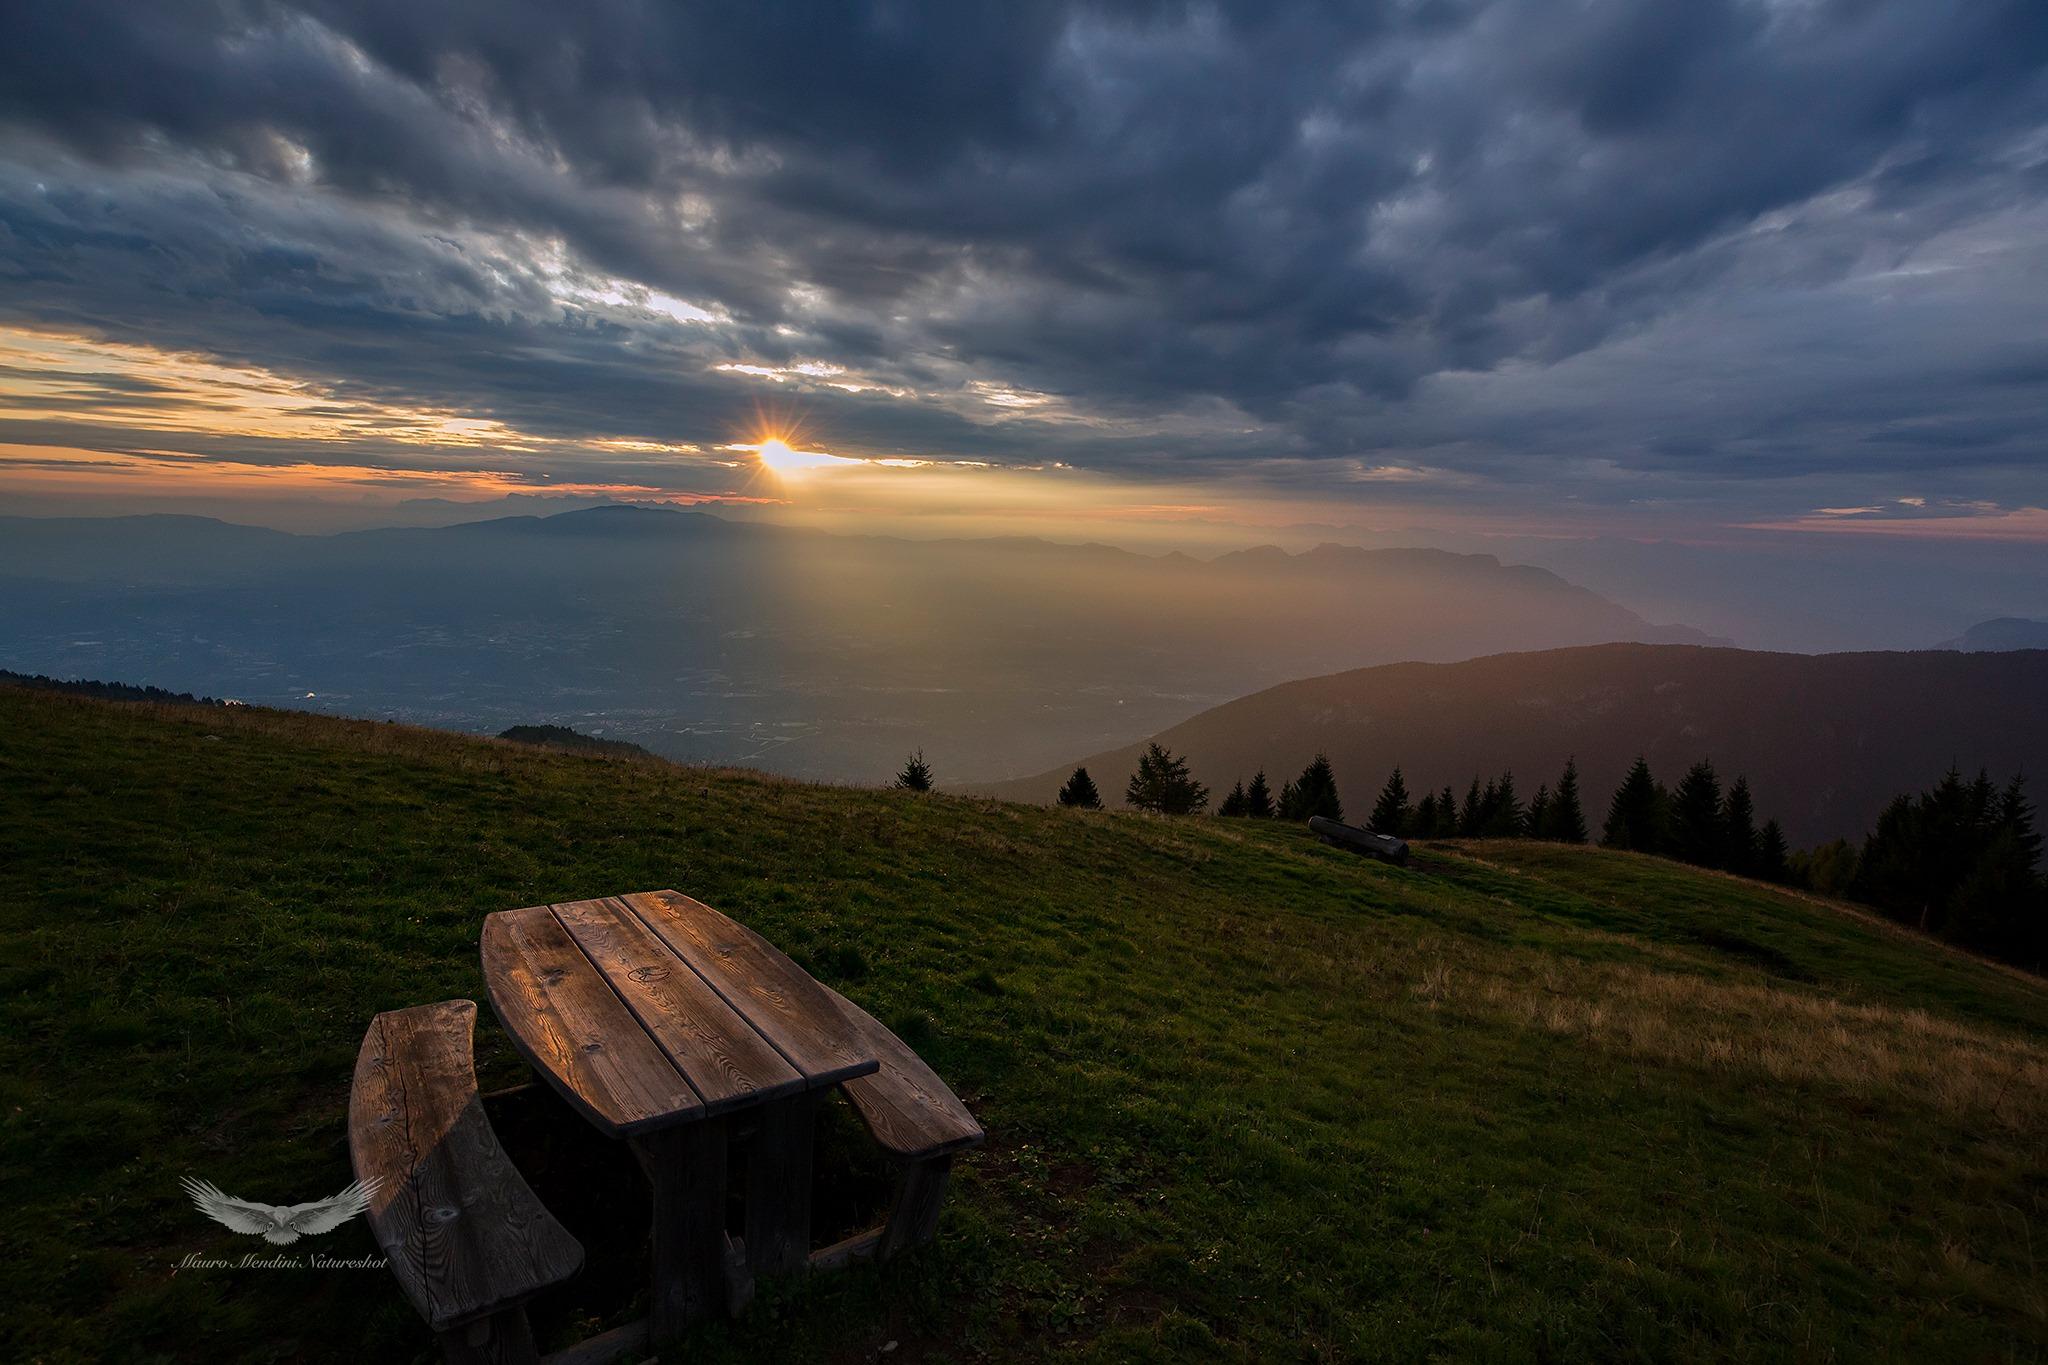 Una fantastica alba dal monte Peller, catturata dal nostro amico Mendini